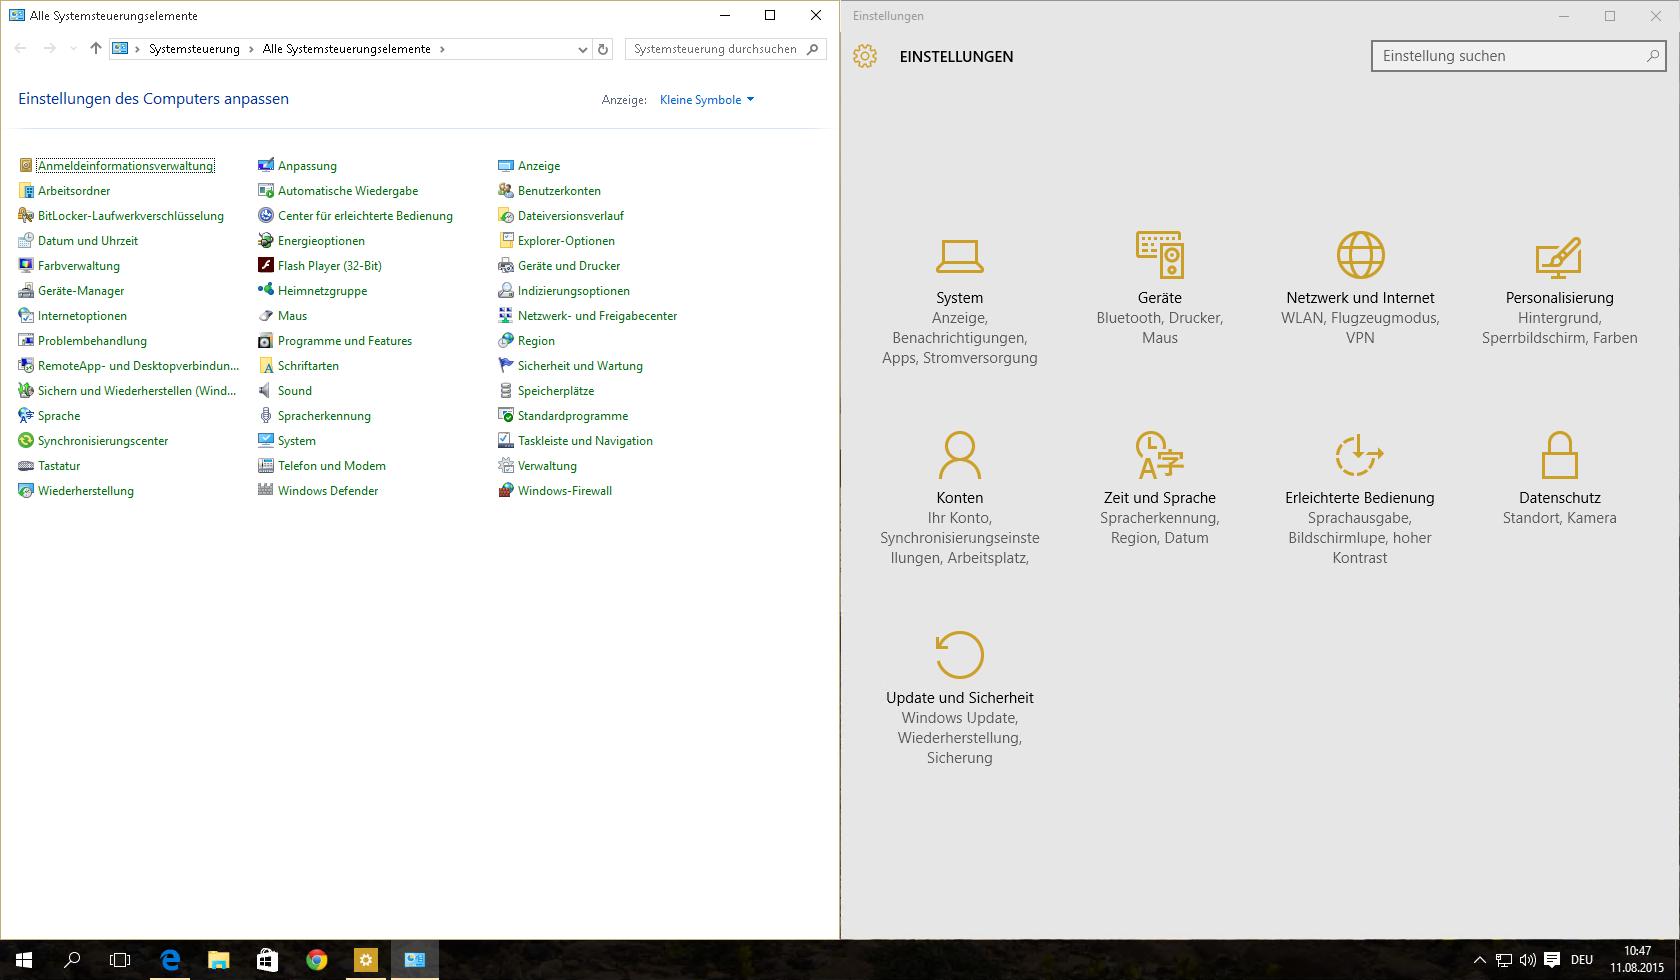 Windows 10 Systemsteuerung und Einstellungen in nicht trauter Zweisamkeit